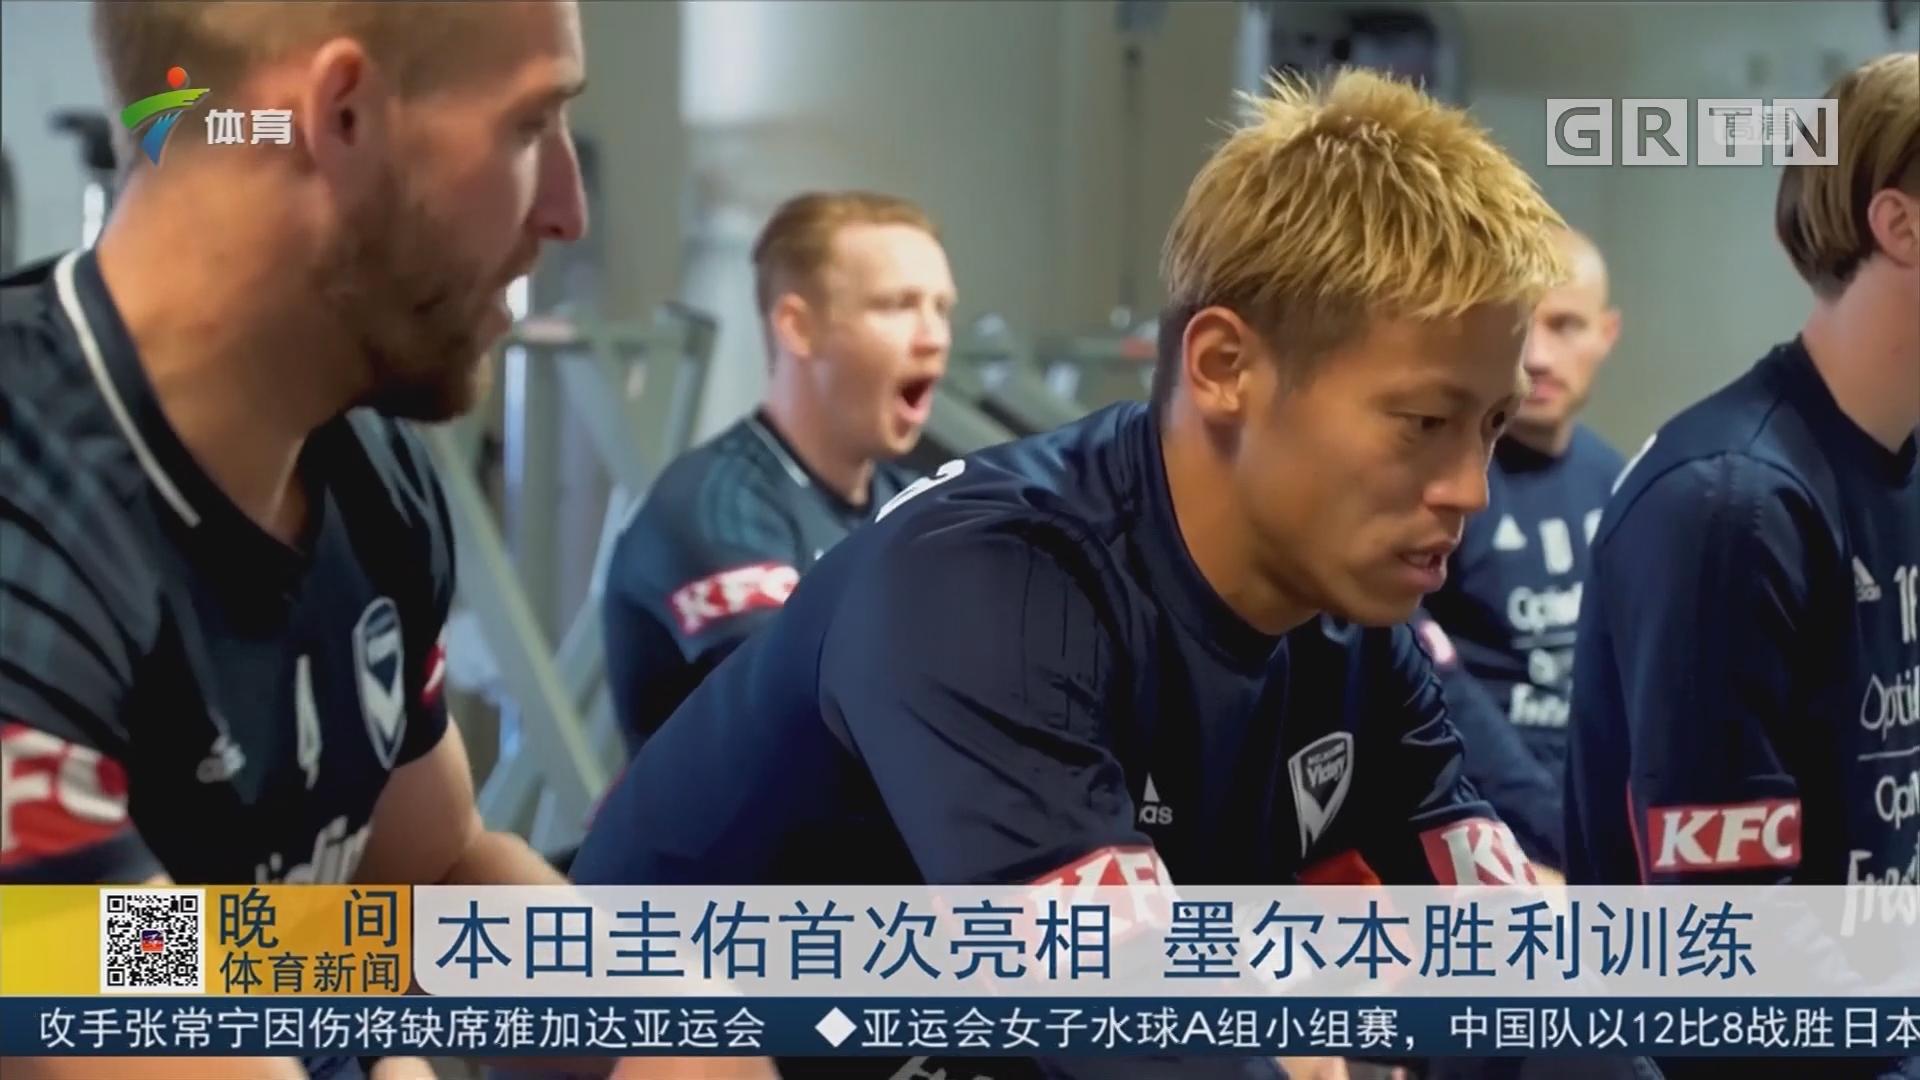 本田圭佑首次亮相 墨尔本胜利训练